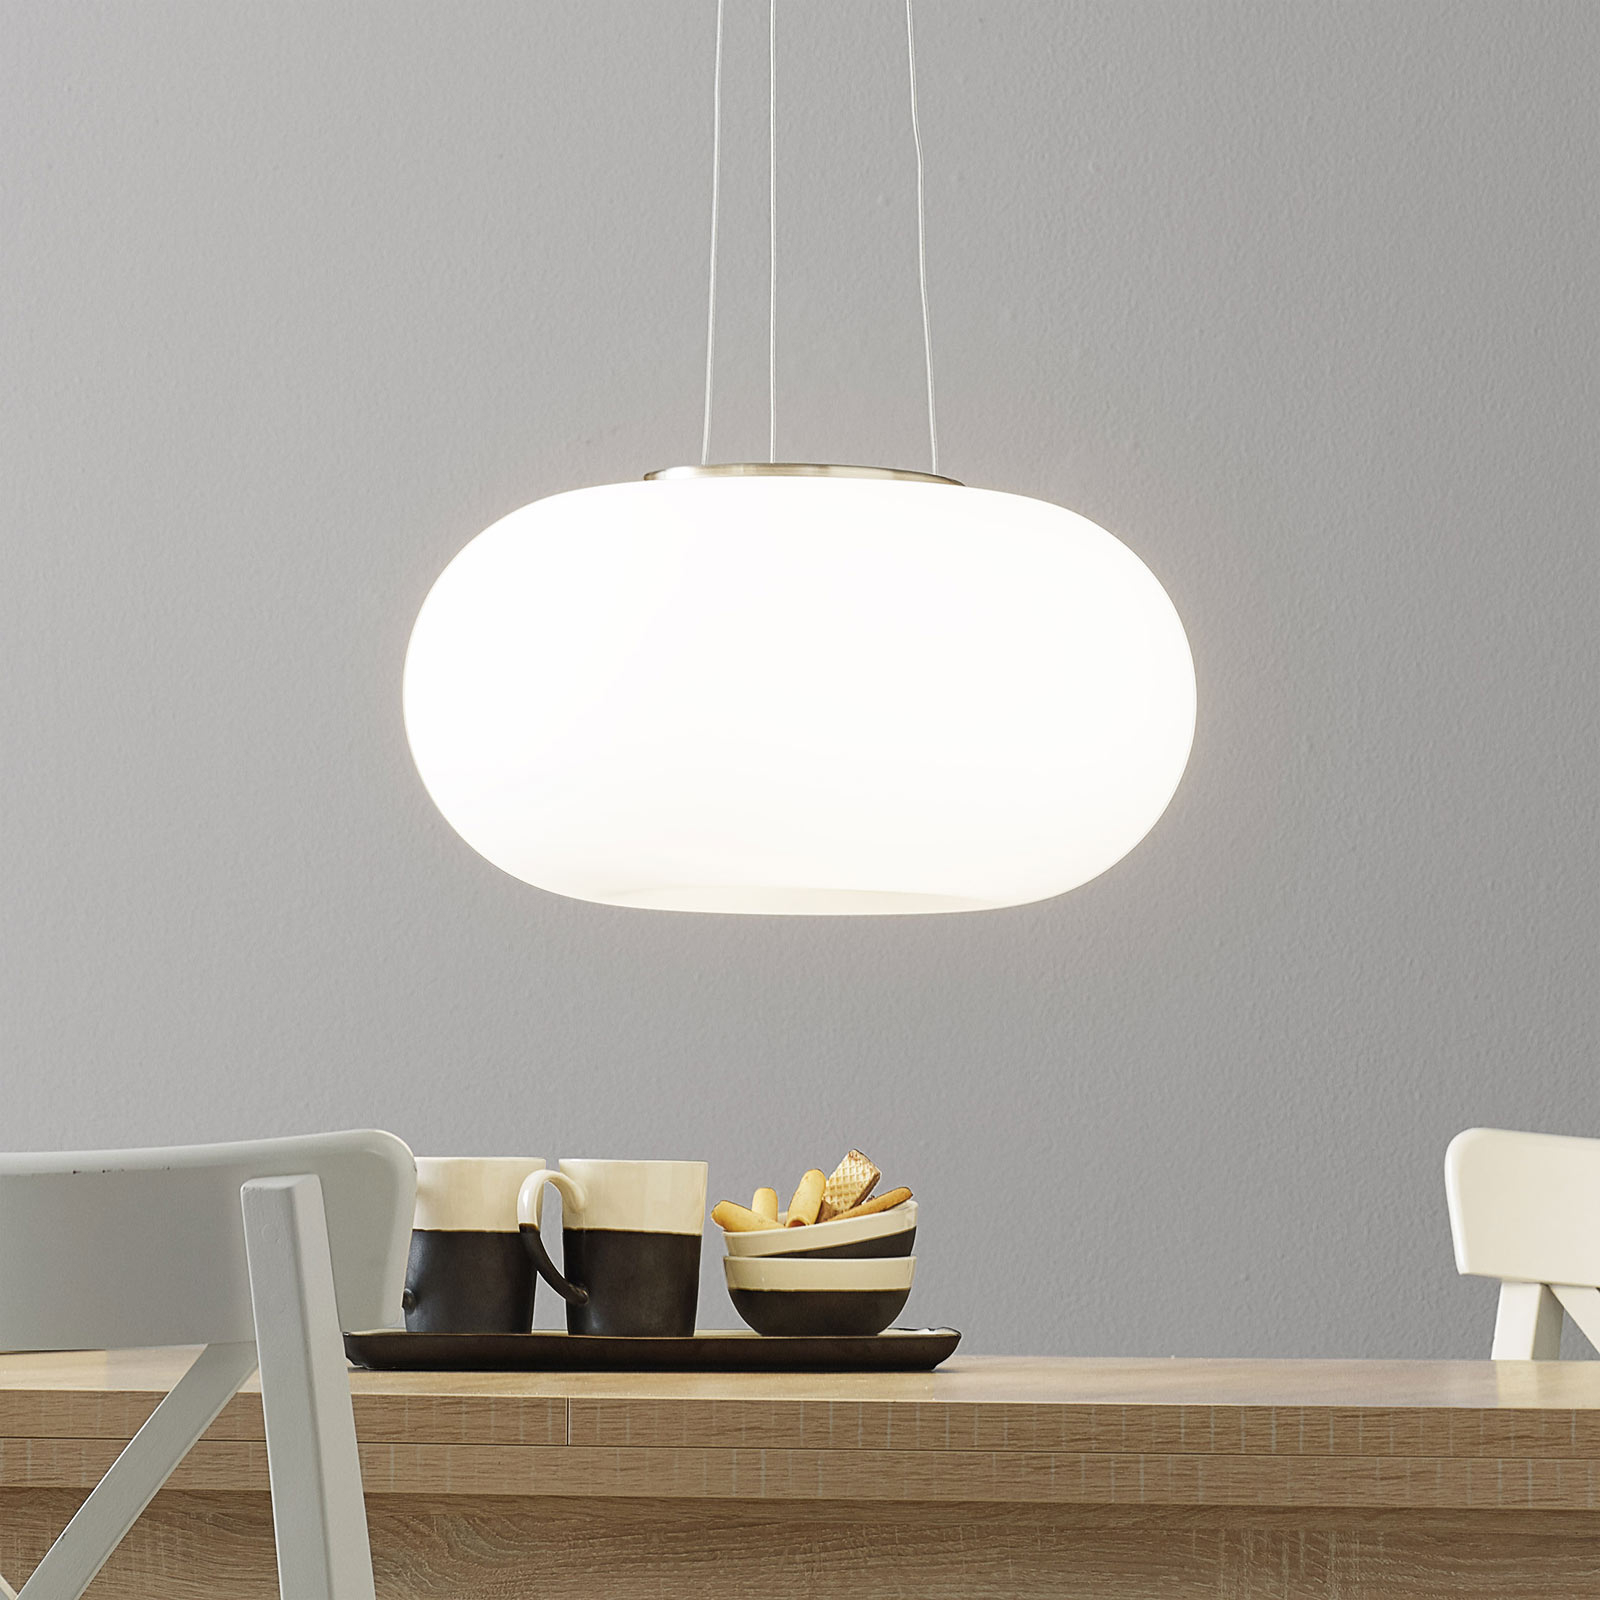 Nowoczesna lampa wisząca Optica 45 cm